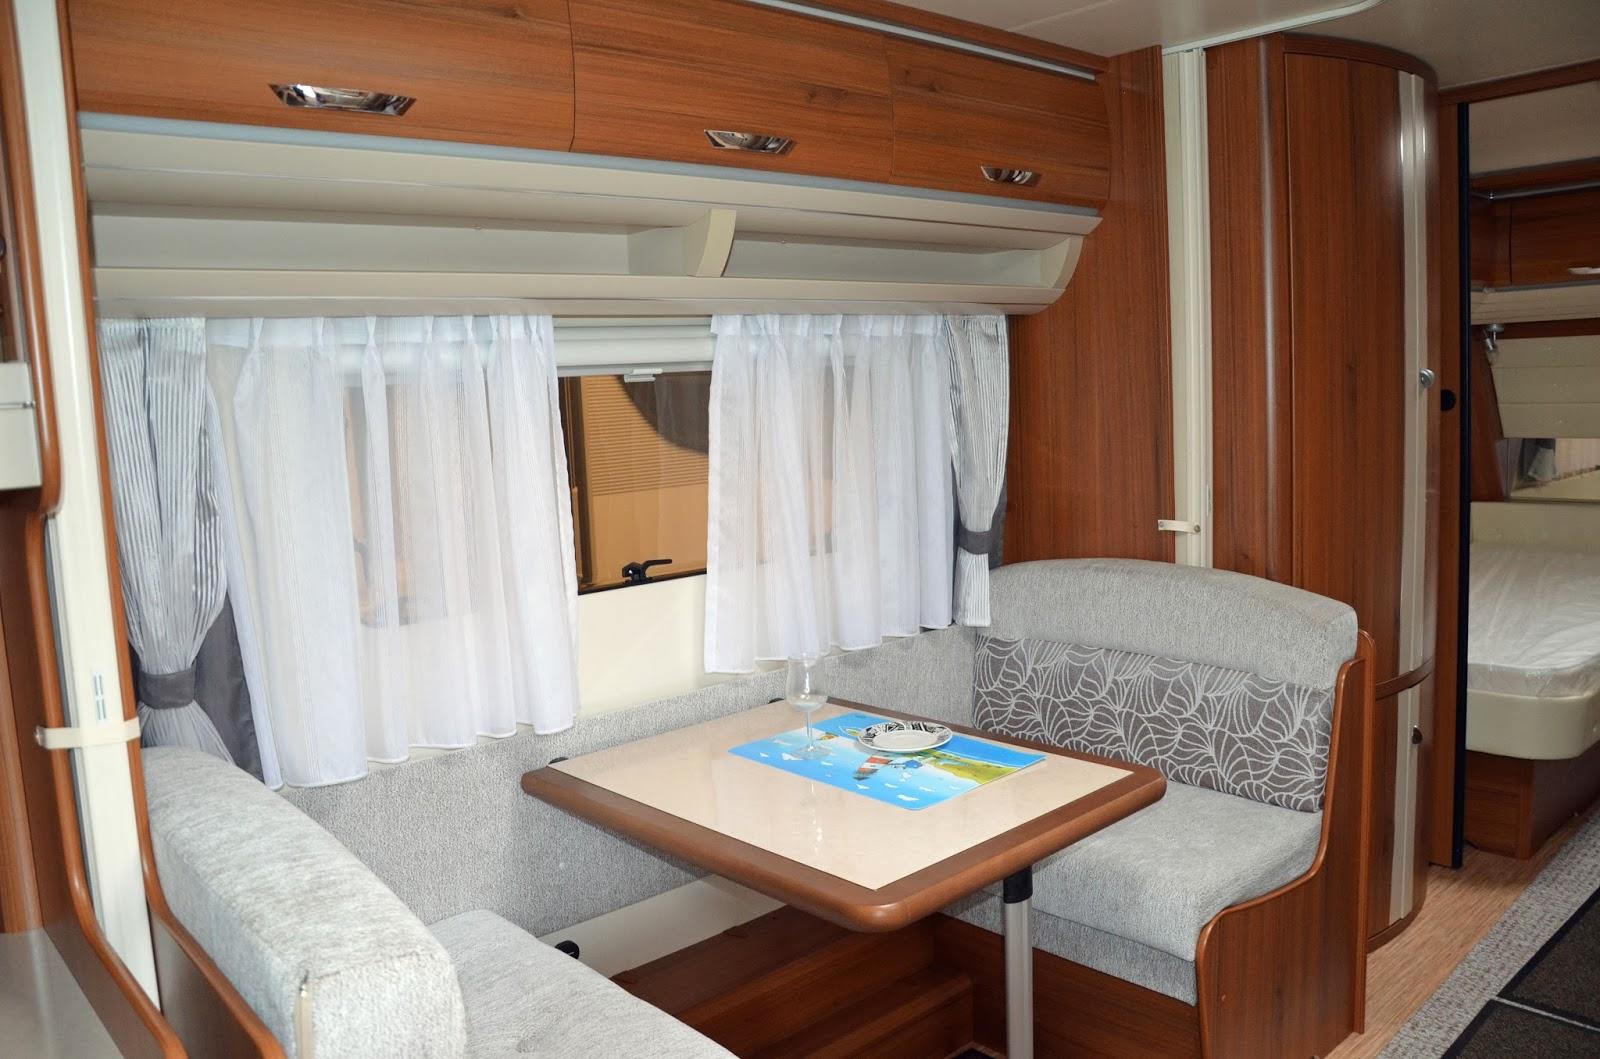 camping im norden november 2013. Black Bedroom Furniture Sets. Home Design Ideas